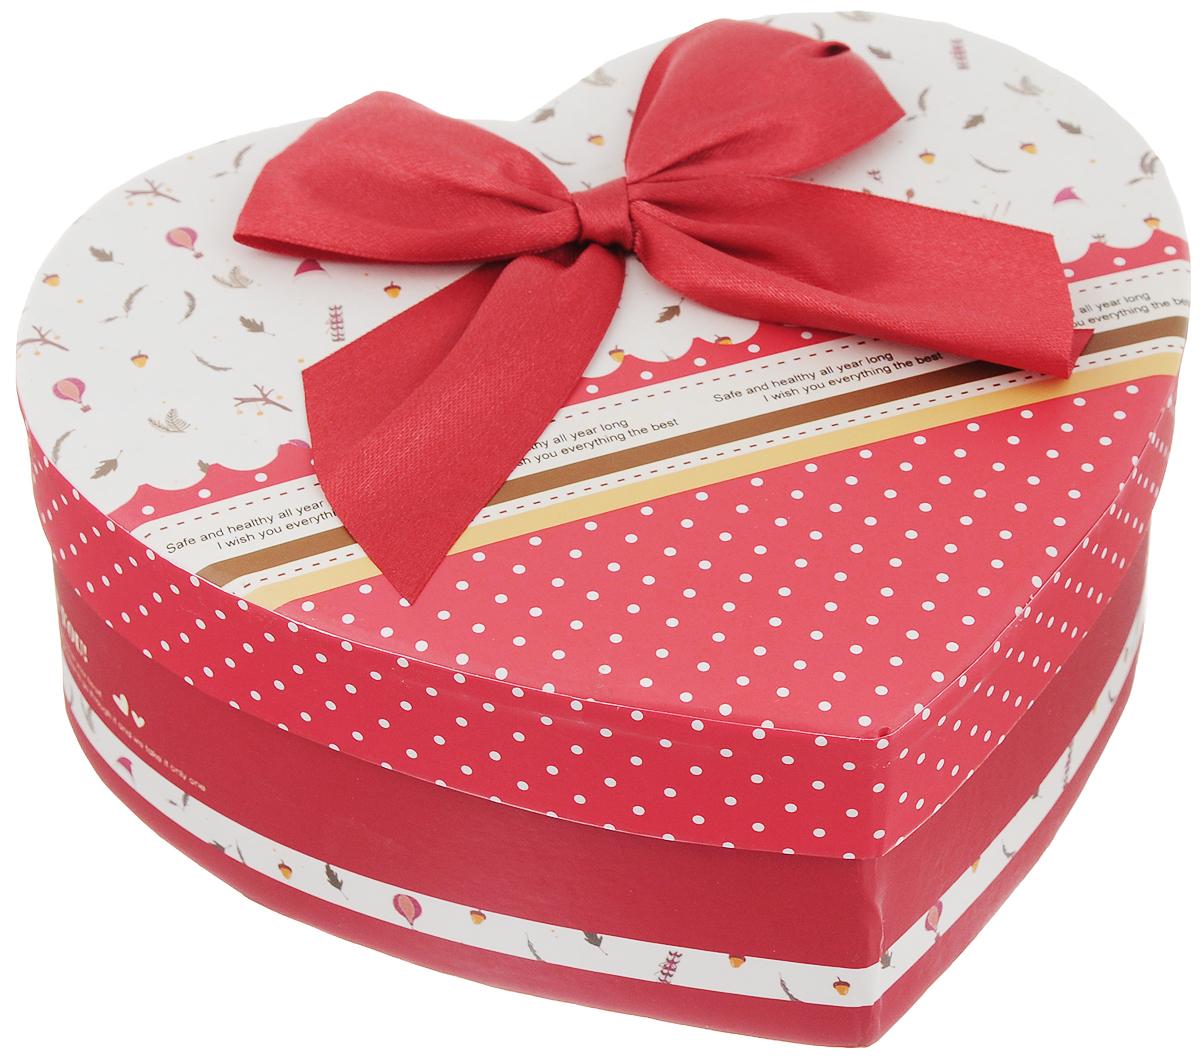 Коробка подарочная Packing Symphony Счастливой жизни, цвет: красный. 8003701780037017_красный